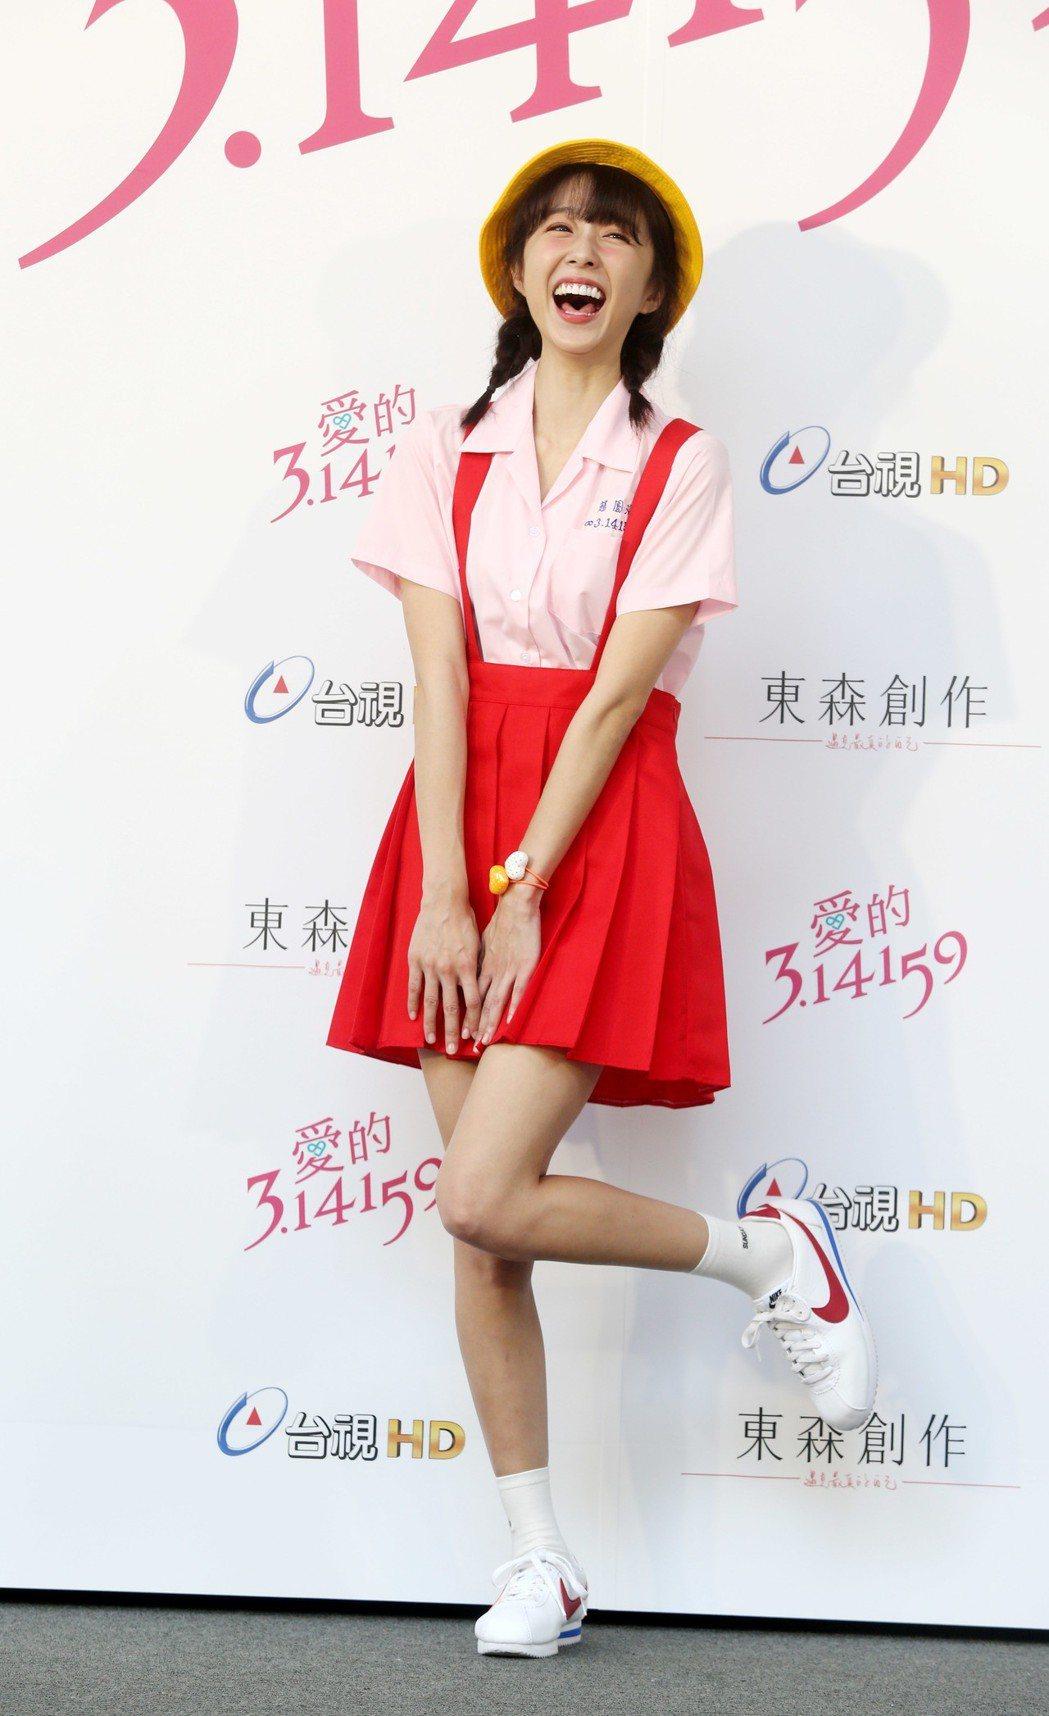 東森新戲「愛的3.14159」舉行開鏡儀式,演員邵雨薇出席。記者邱德祥/攝影